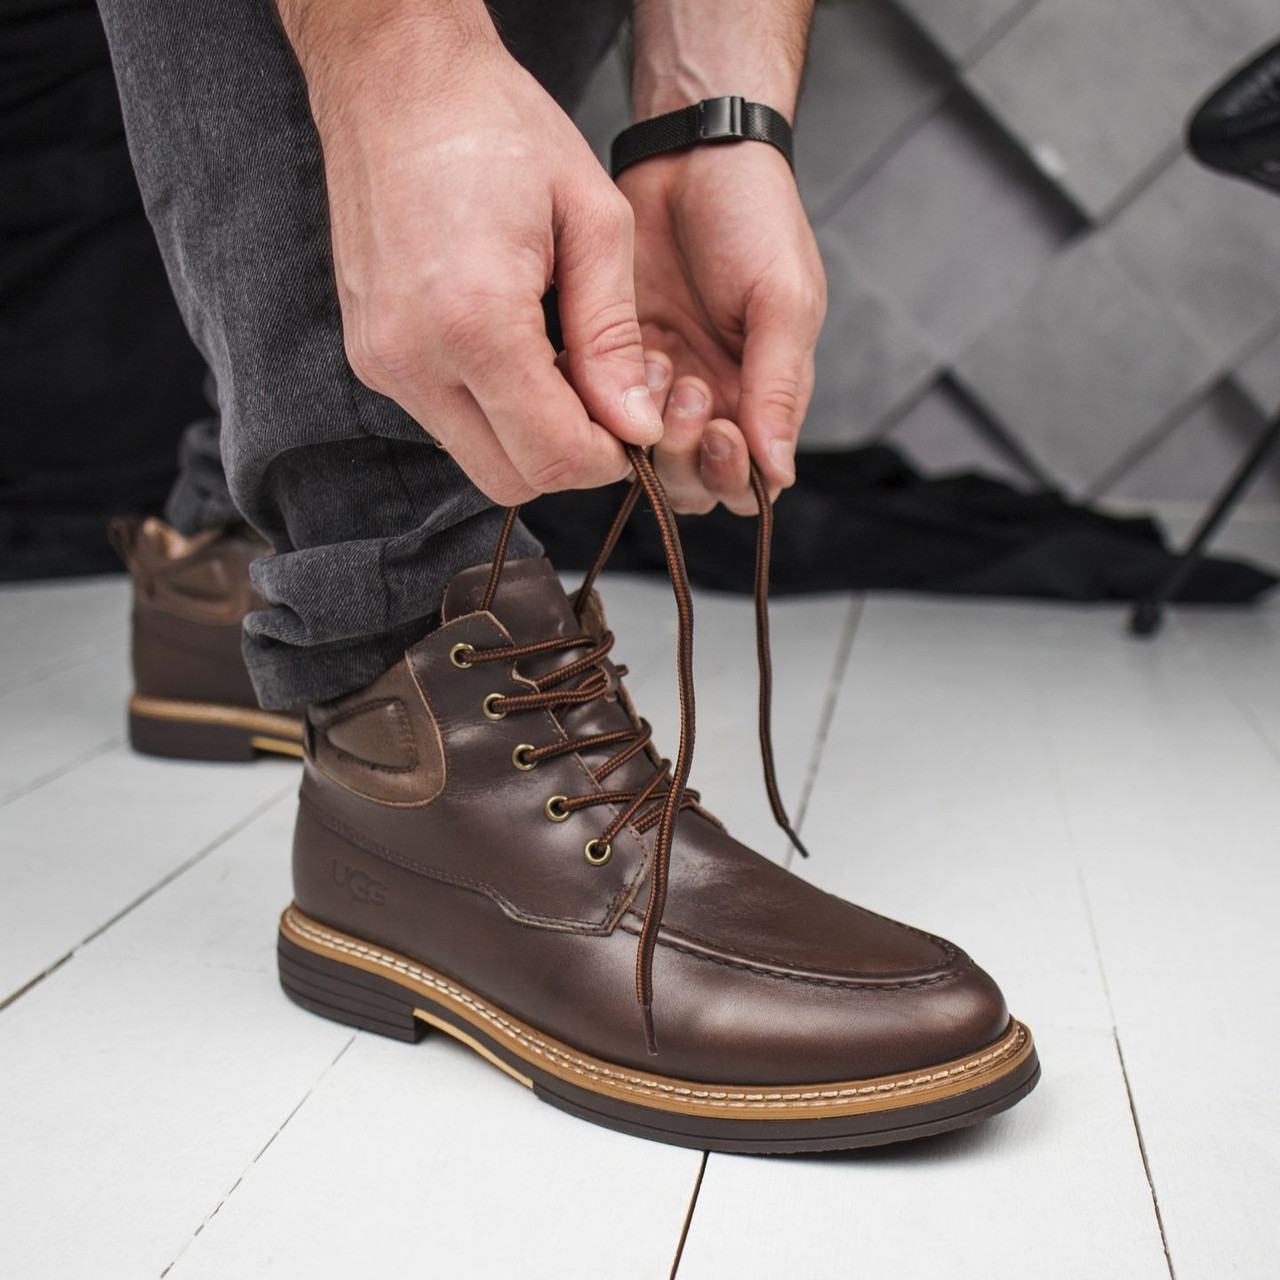 Мужские зимние ботинки UGG с мехом